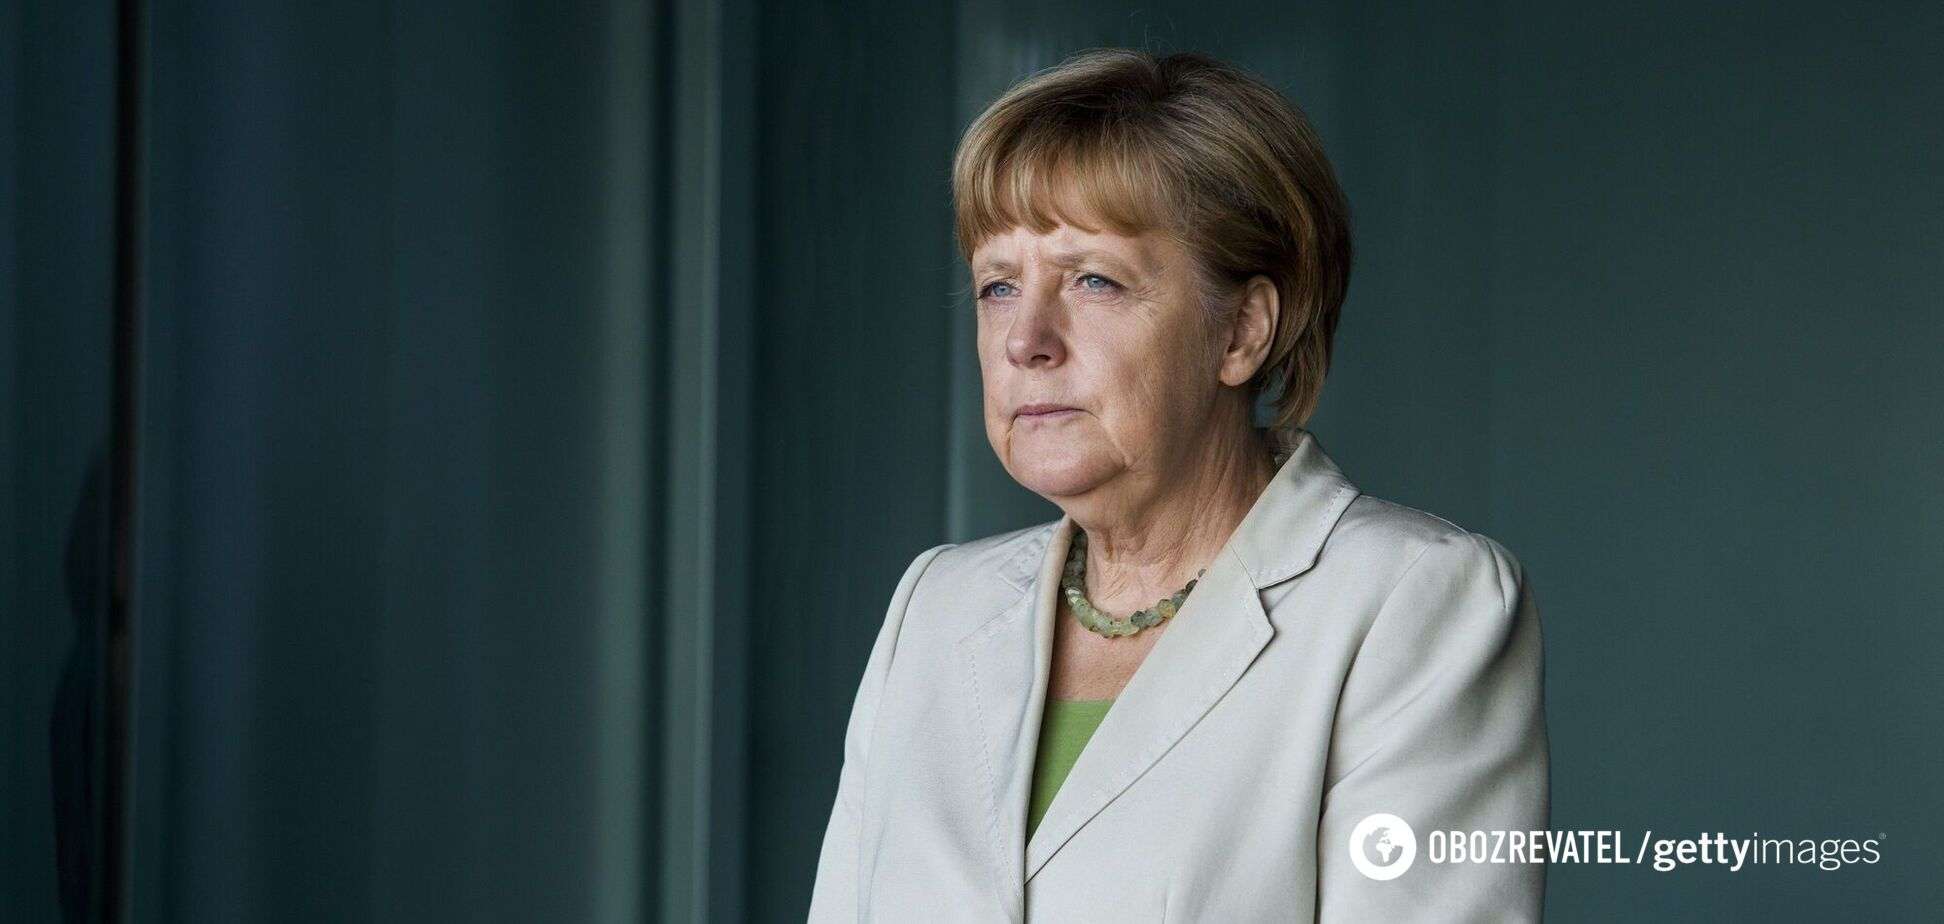 Ангела Меркель продемонстрировала деловой образ в любимом горчичном жакете